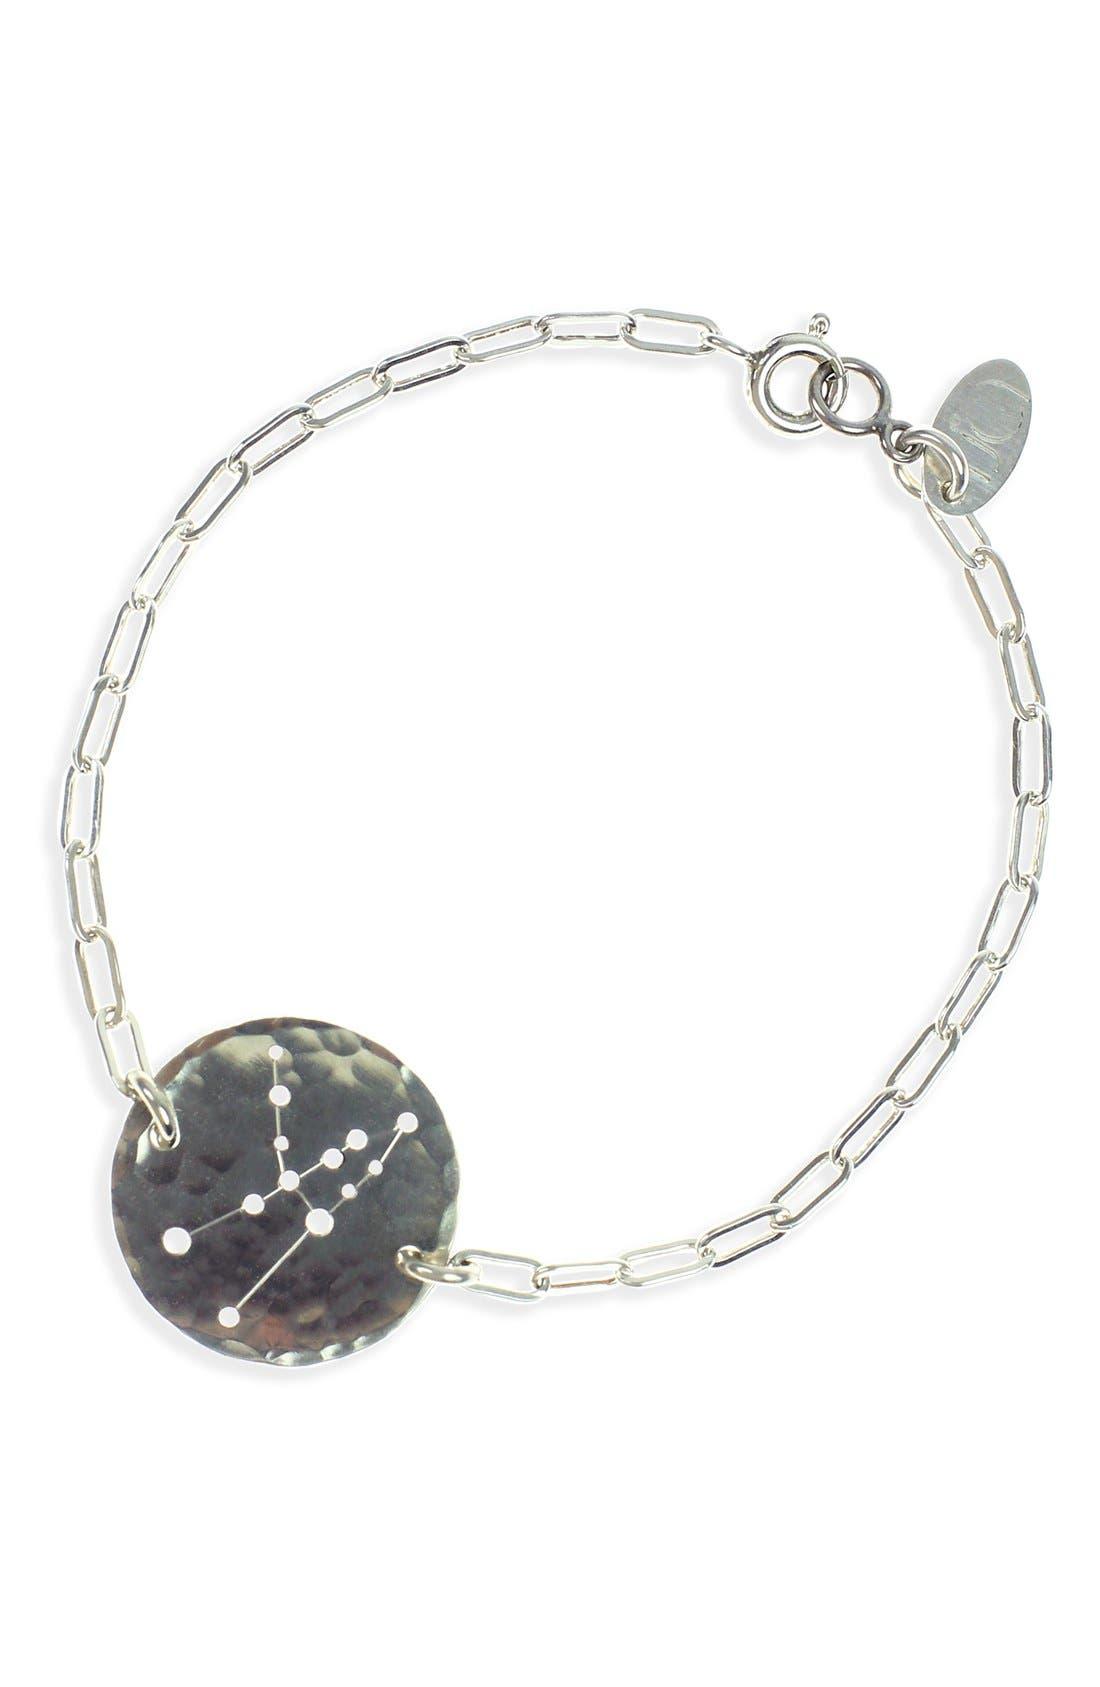 Main Image - Ija 'Zodiac' Sterling Silver Chain Bracelet